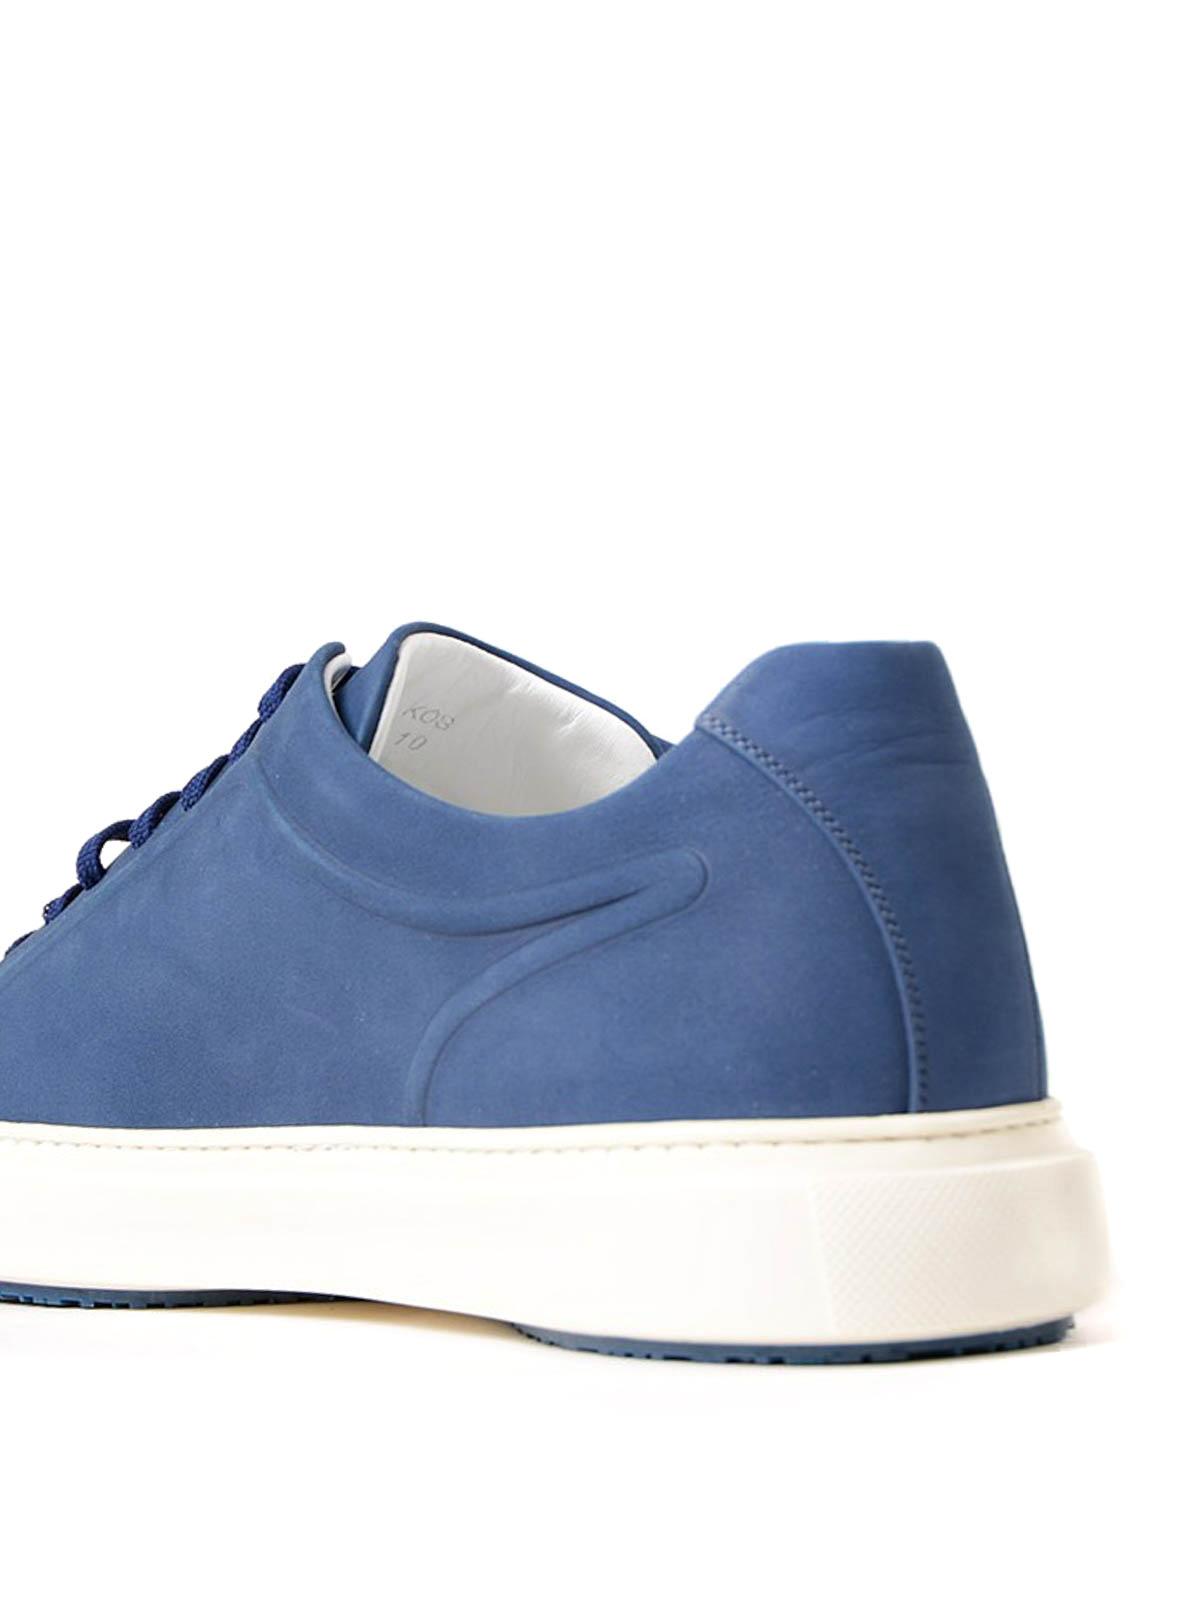 Moreschi Kos Chaussures De Sport - Bleu TZ2W6t